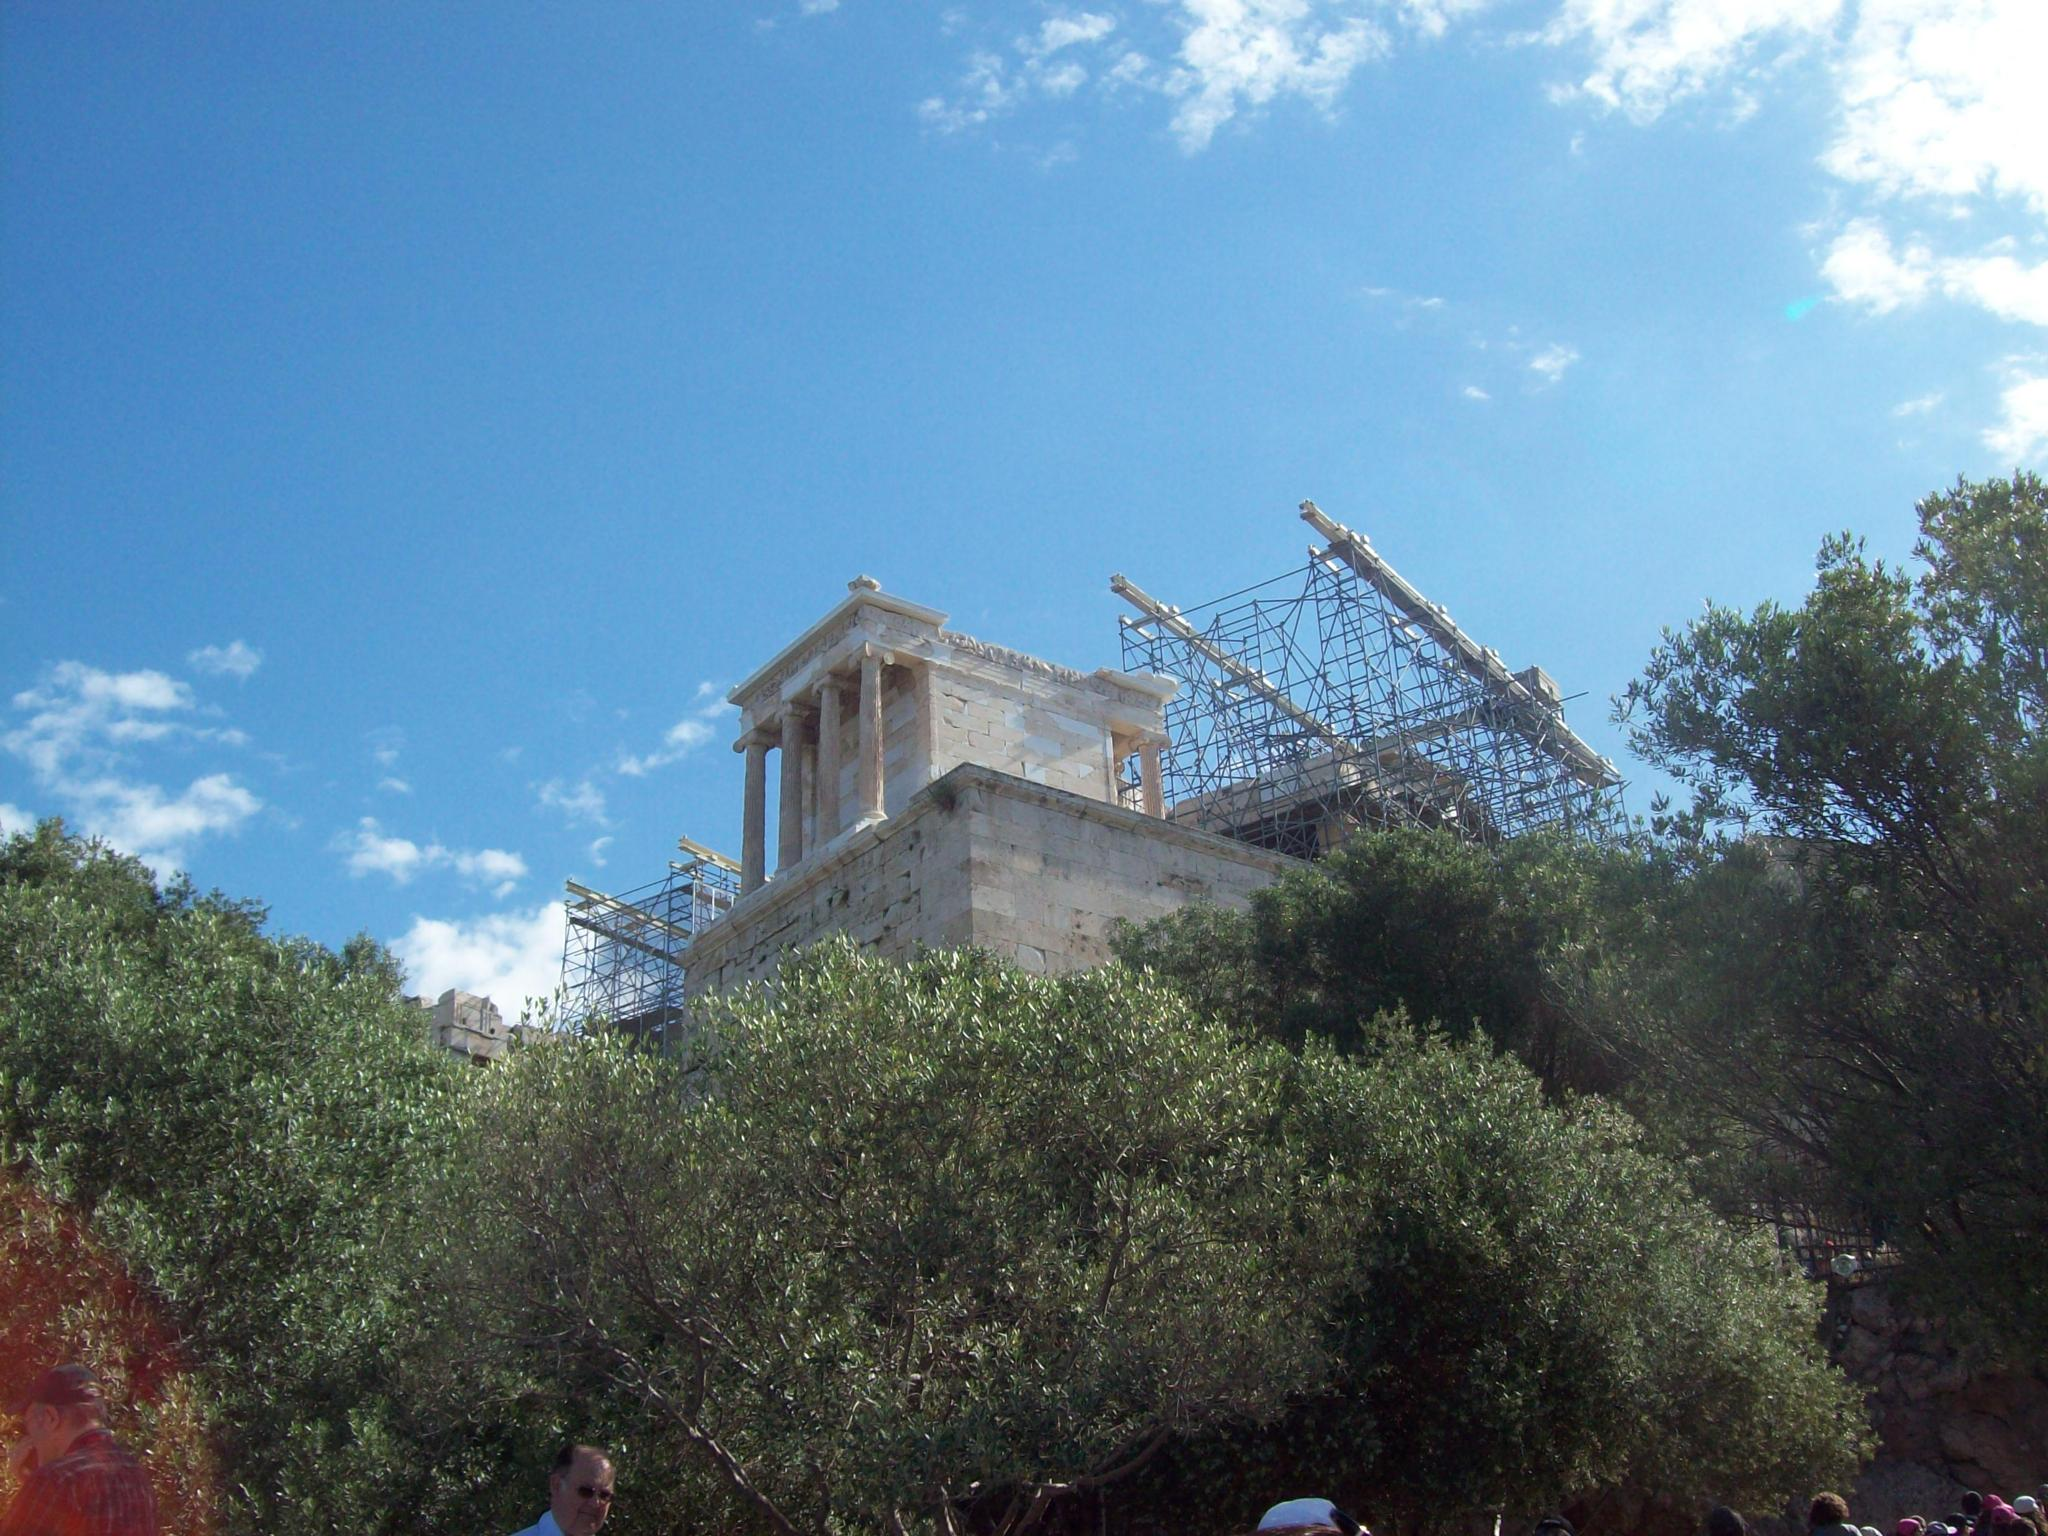 Acropolis of Athens, Temple of Athena Nike by Σοφία Κορνηλάκη